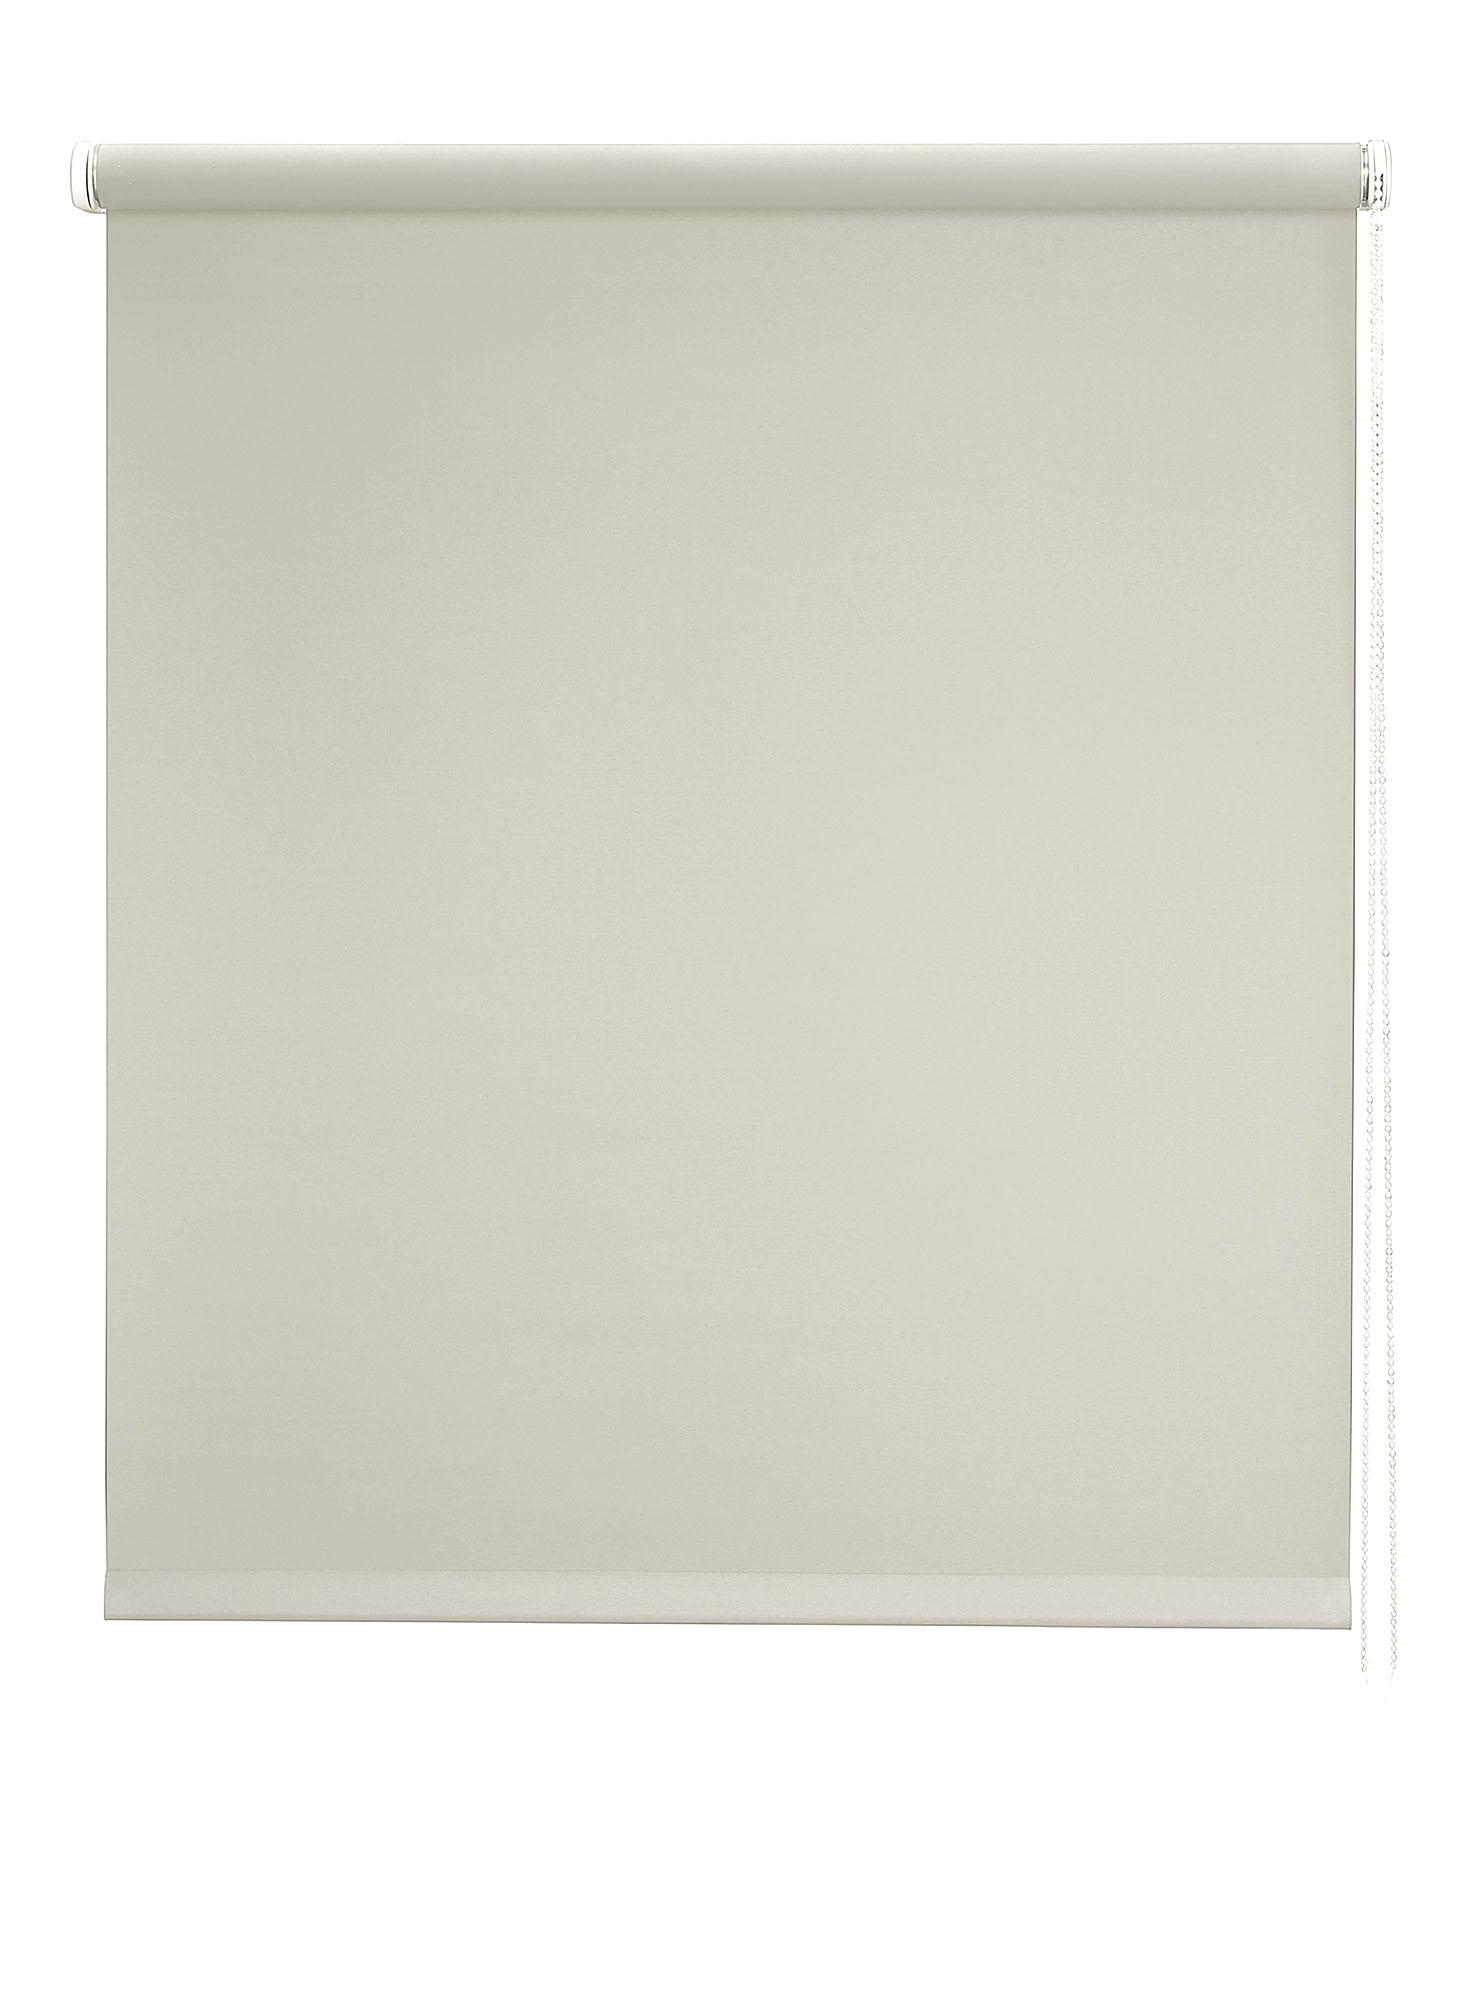 Store enrouleur Translucide - Écru - 150 x 250 cm